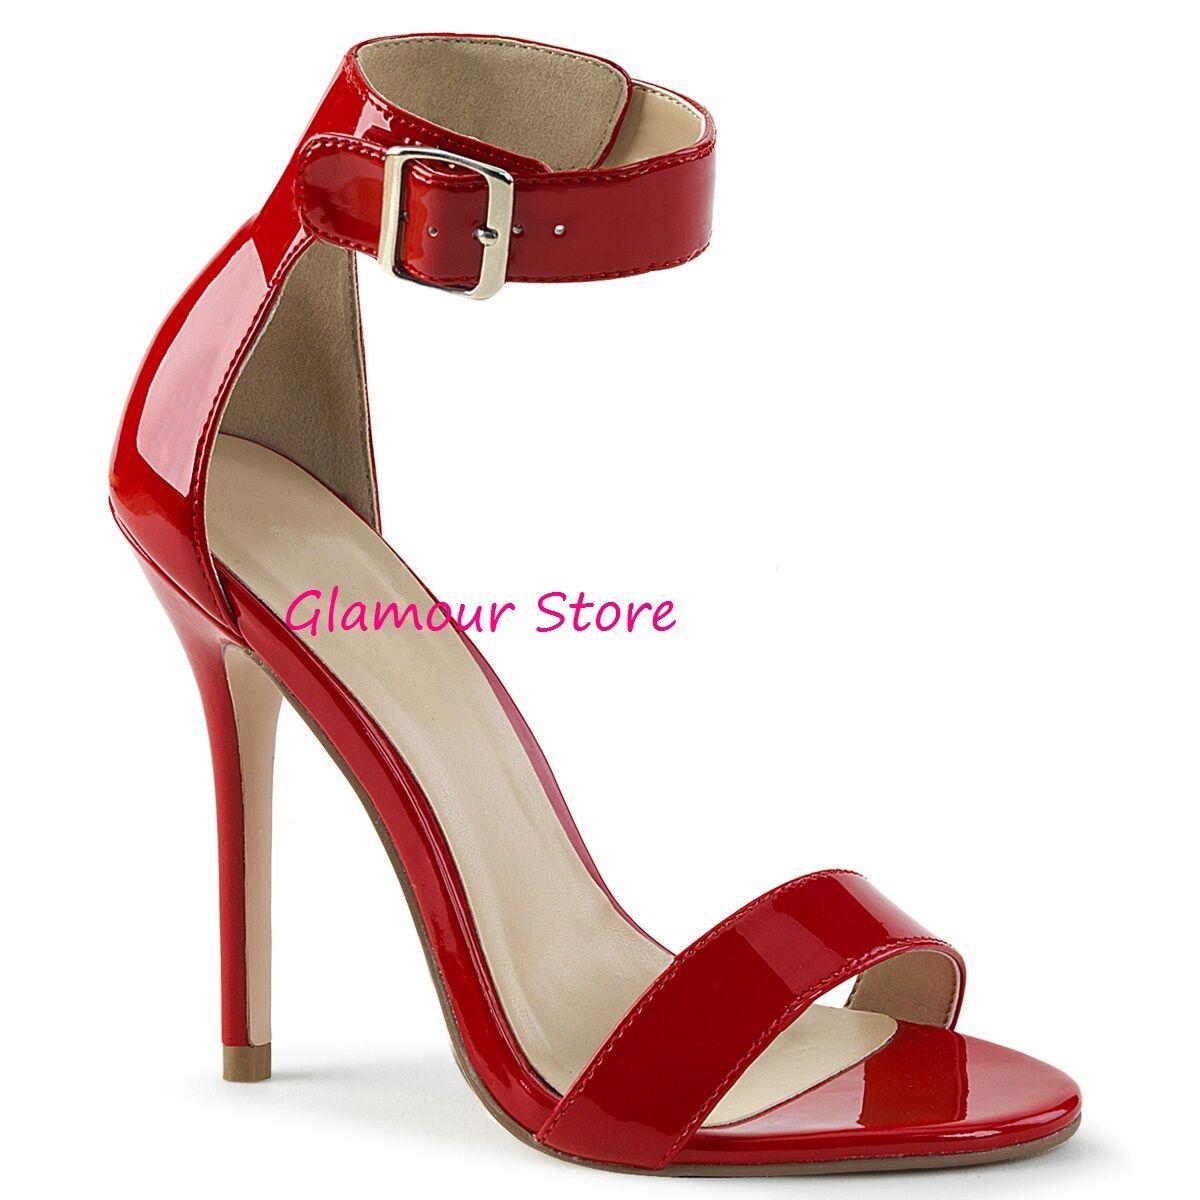 Sexy SANDALI tacco 13 dal 35 al 46 ROSSO LUCIDO cinturino scarpe GLAMOUR fashion